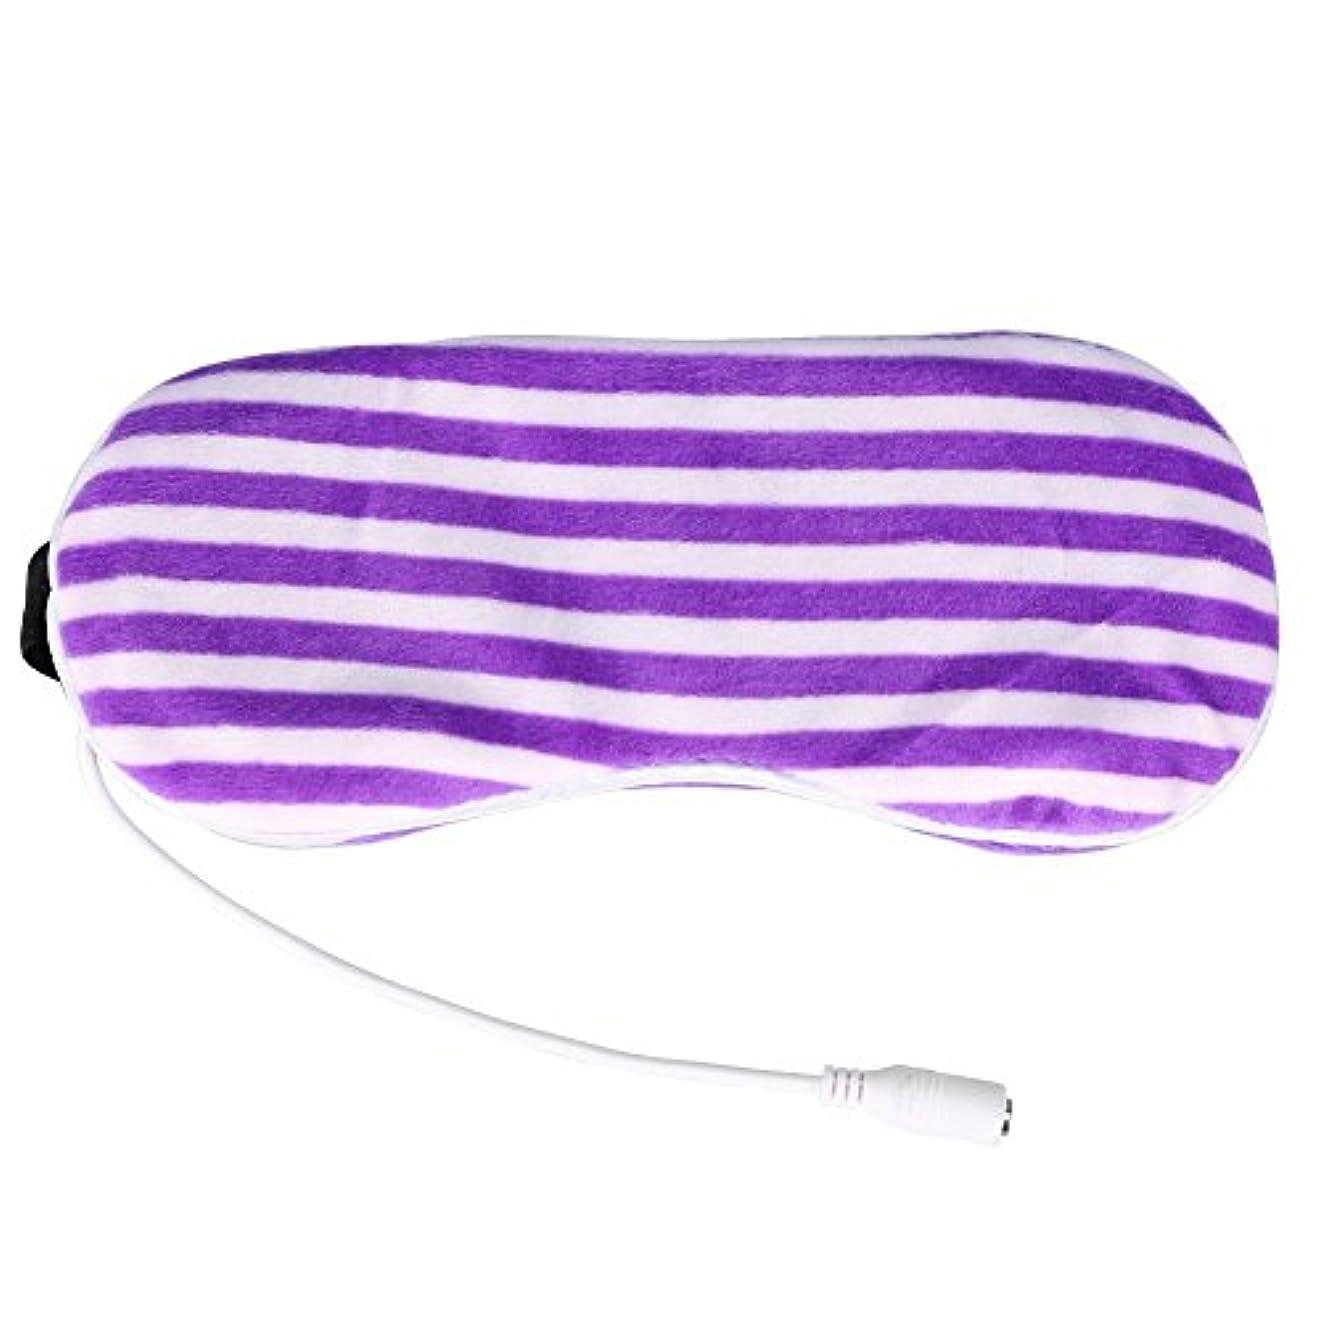 ダイヤル憂鬱反抗アイマスクアイマッサージャー、睡眠旅行ポータブル用USB加熱スチームアイシェード(パープルストライプ)